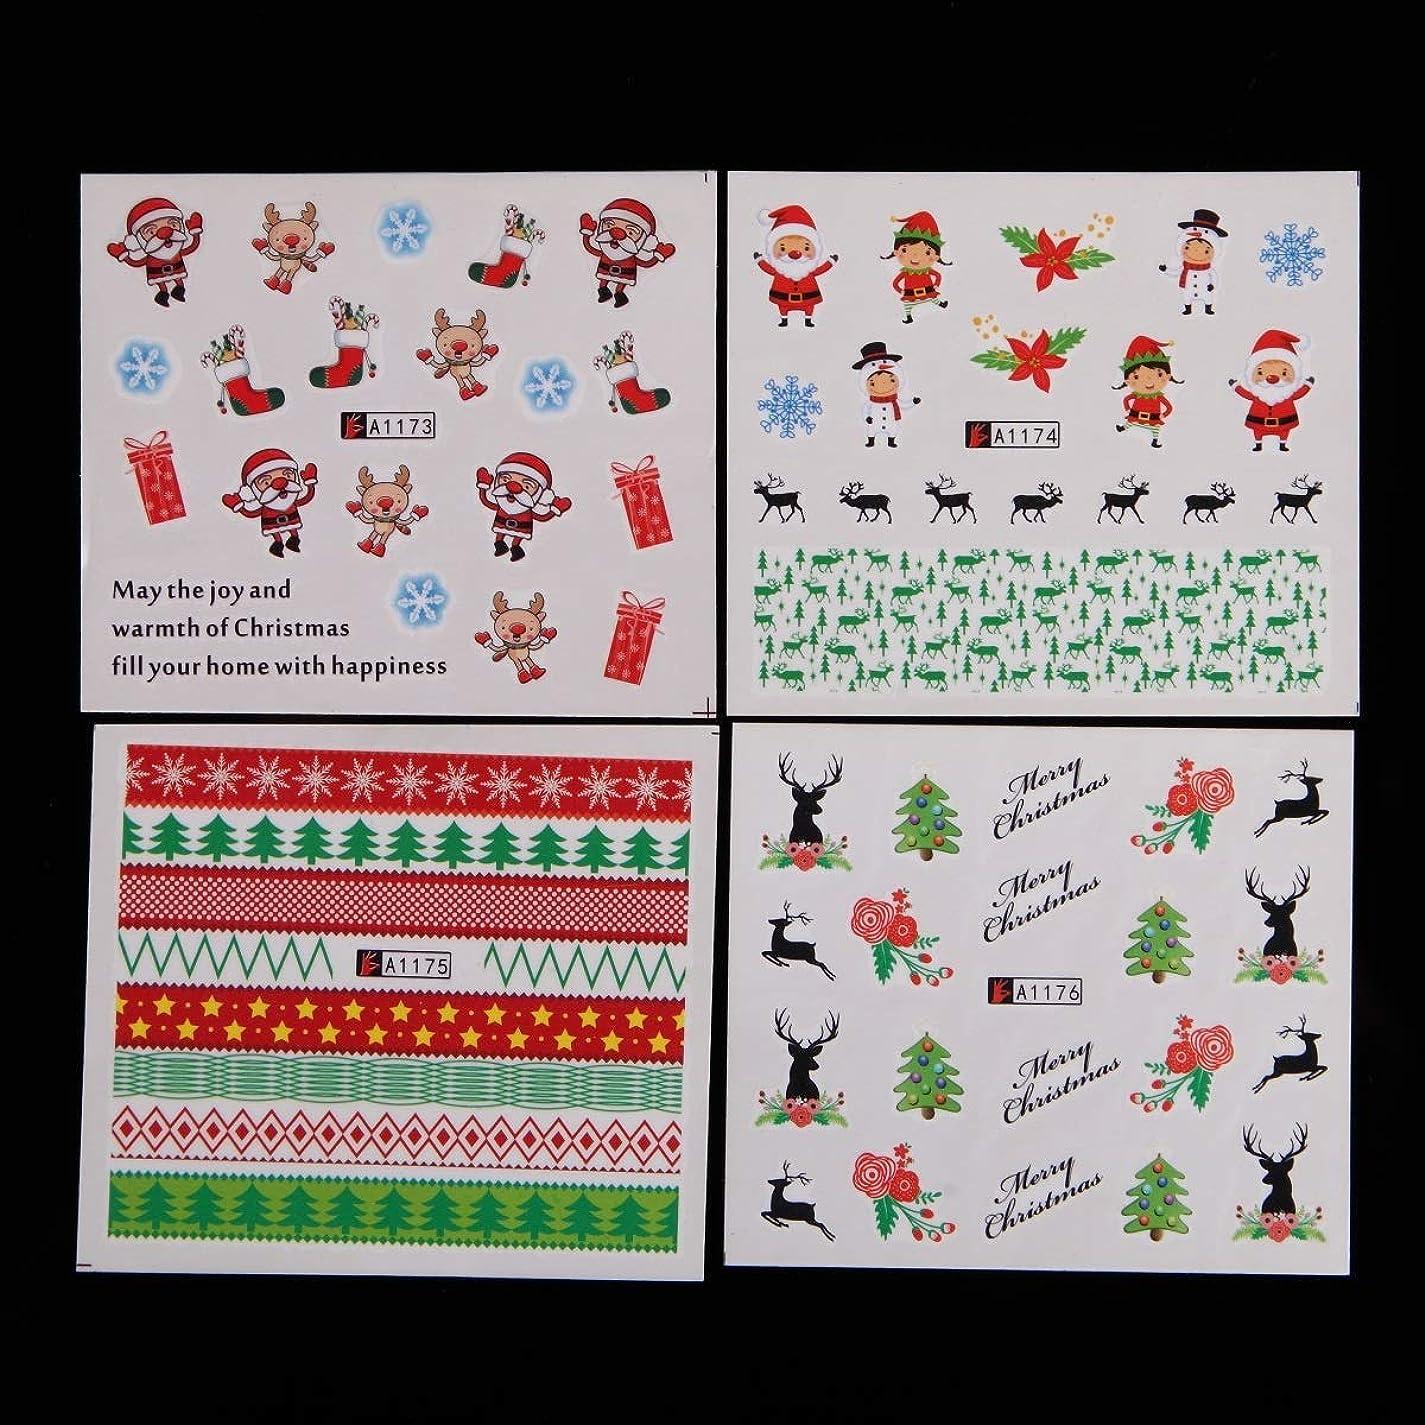 OWNFSKNL 48個/セットネイルデカールステッカー自己接着DIYネイルアート水転写ヒントステンシルステッカー2ハロウィーンゴーストカボチャ城スカルとクリスマスの装飾ツールのスタイル (Color : CHRISTMAS SET)